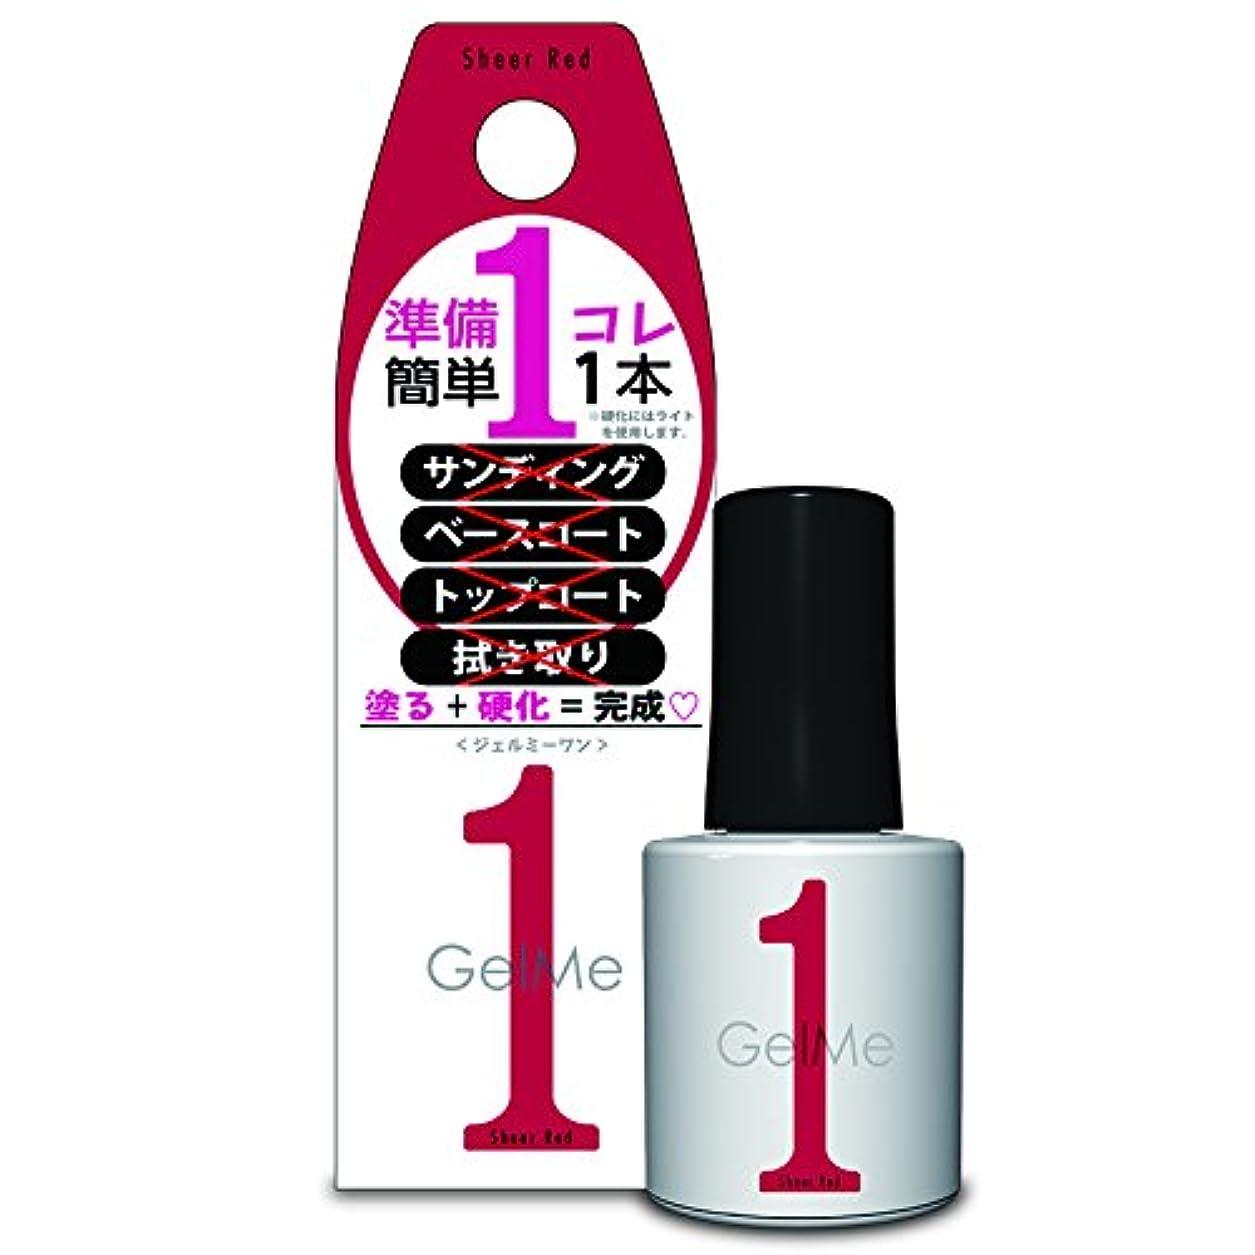 提出するパケット洗剤ジェルミーワン(Gel me 1) 63 シアーレッド